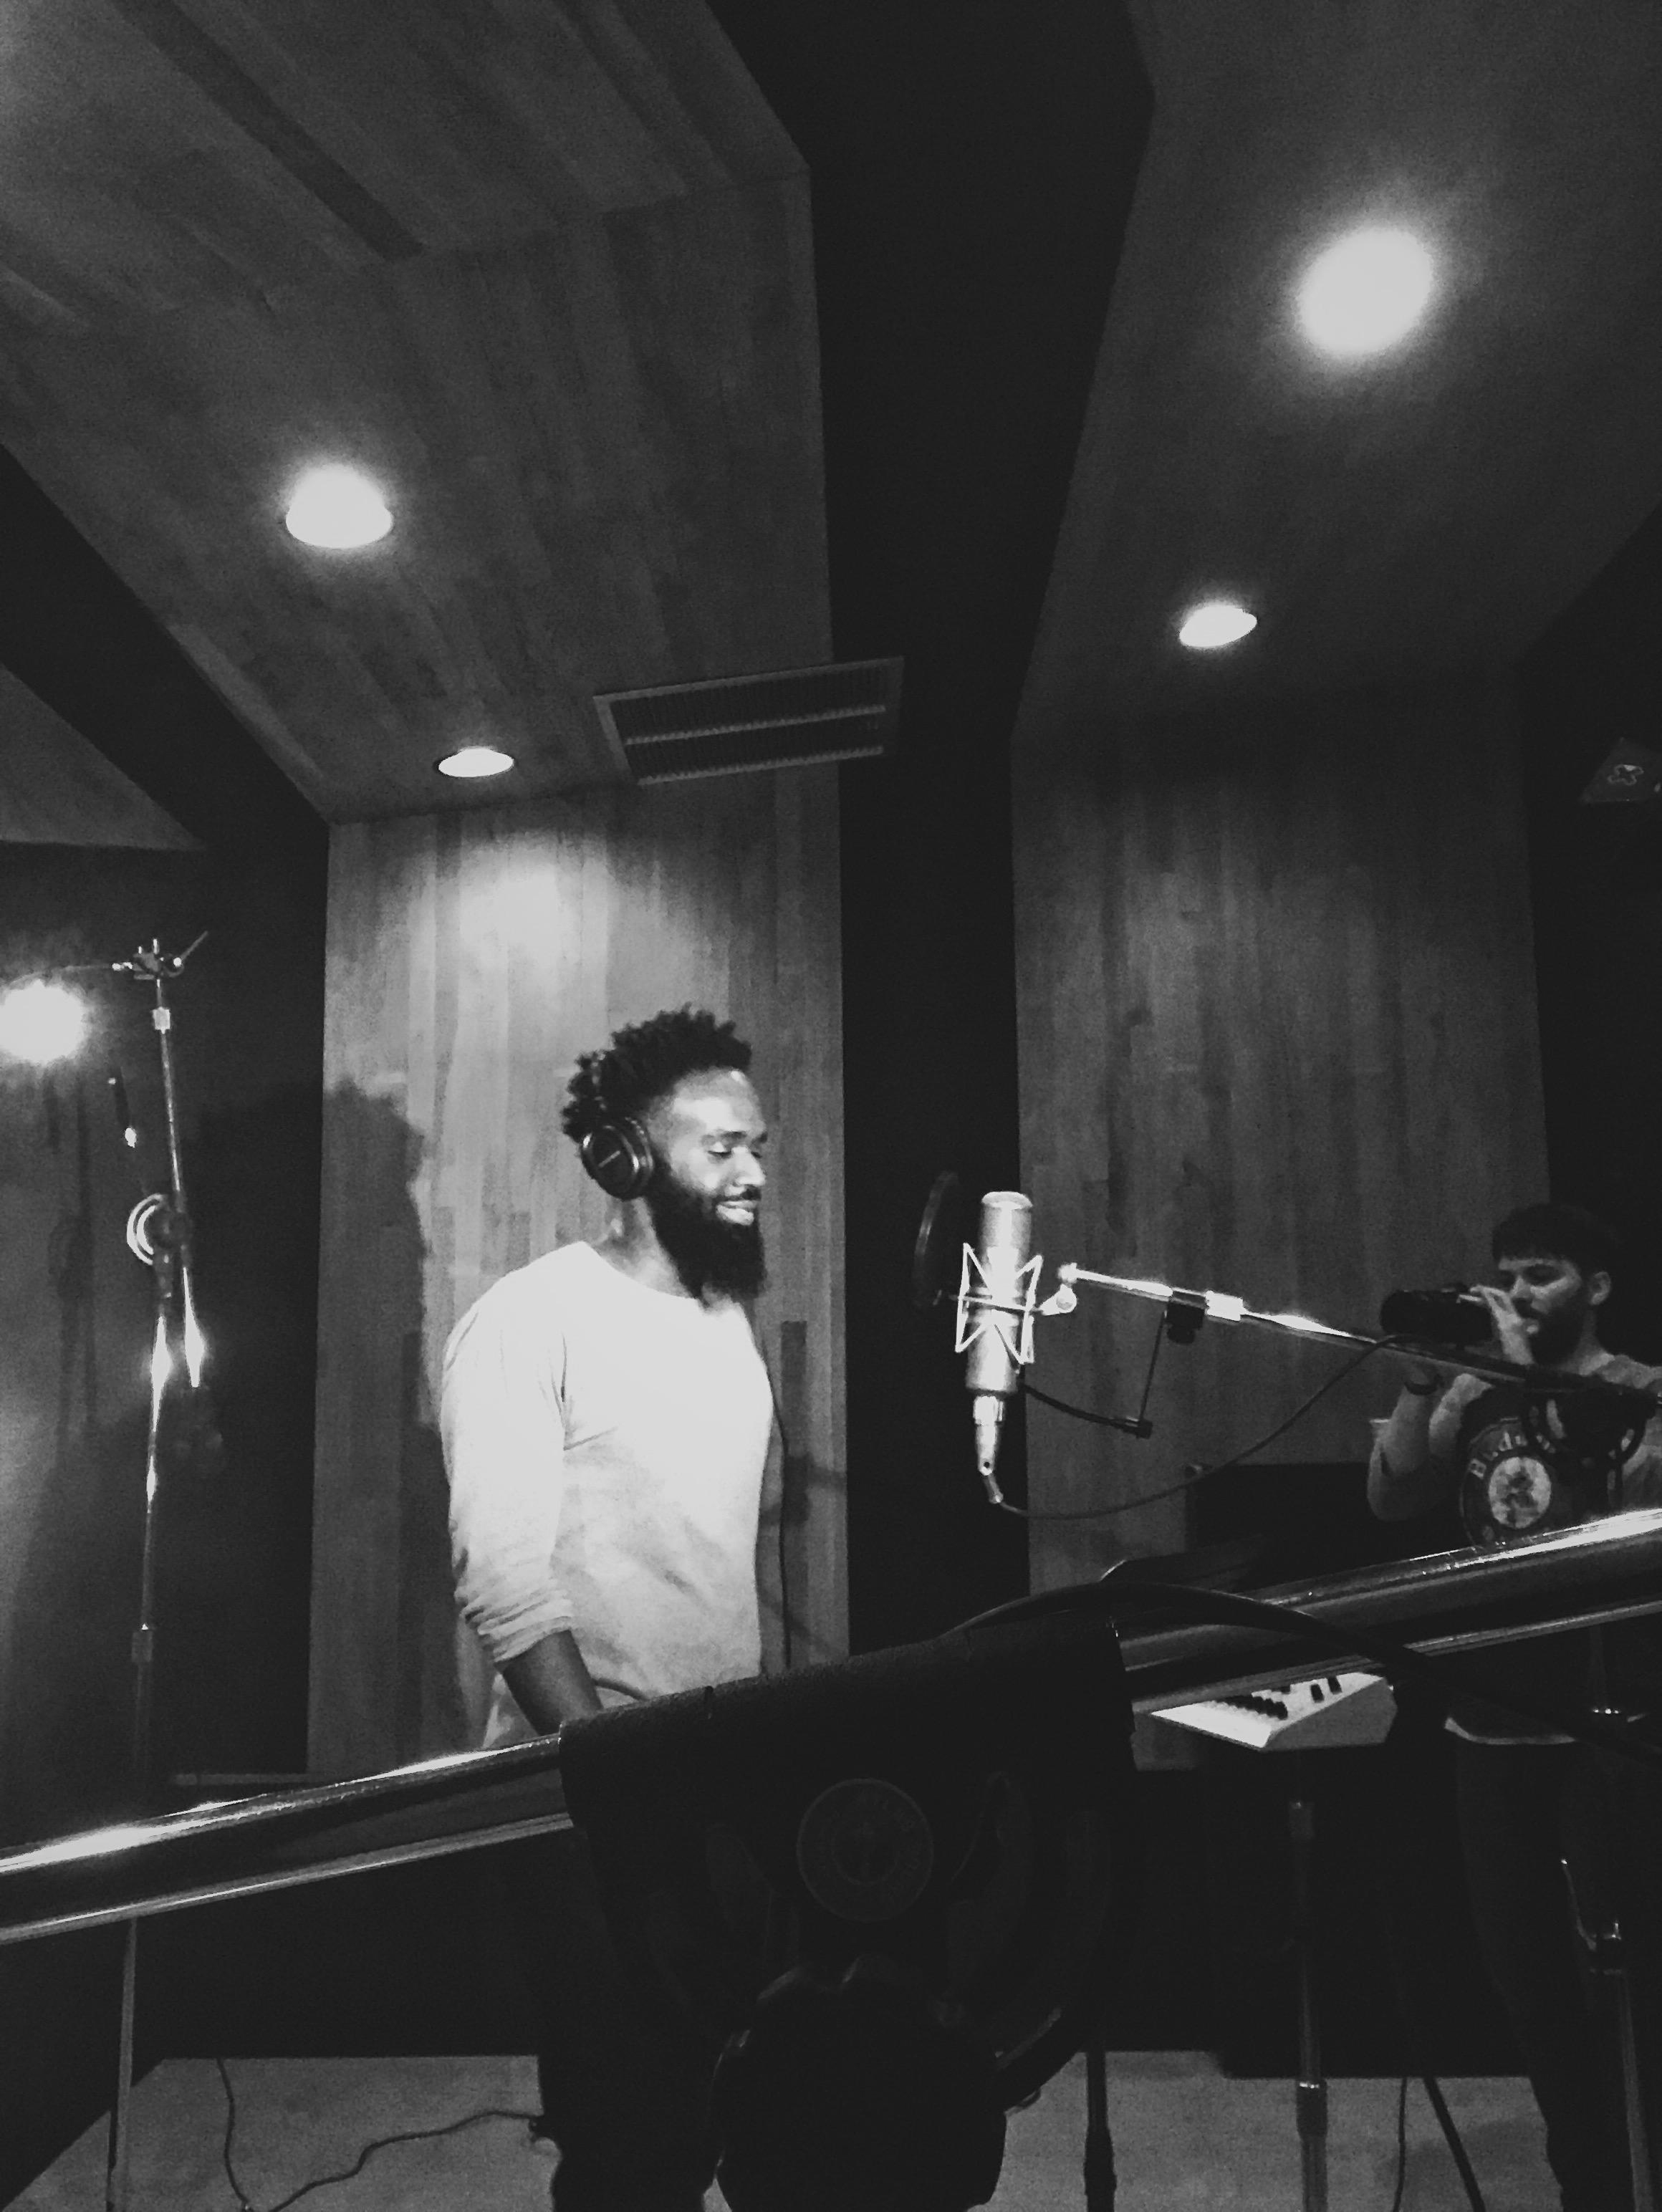 Alexandria, VA | Bias Studios | Apr. 2017